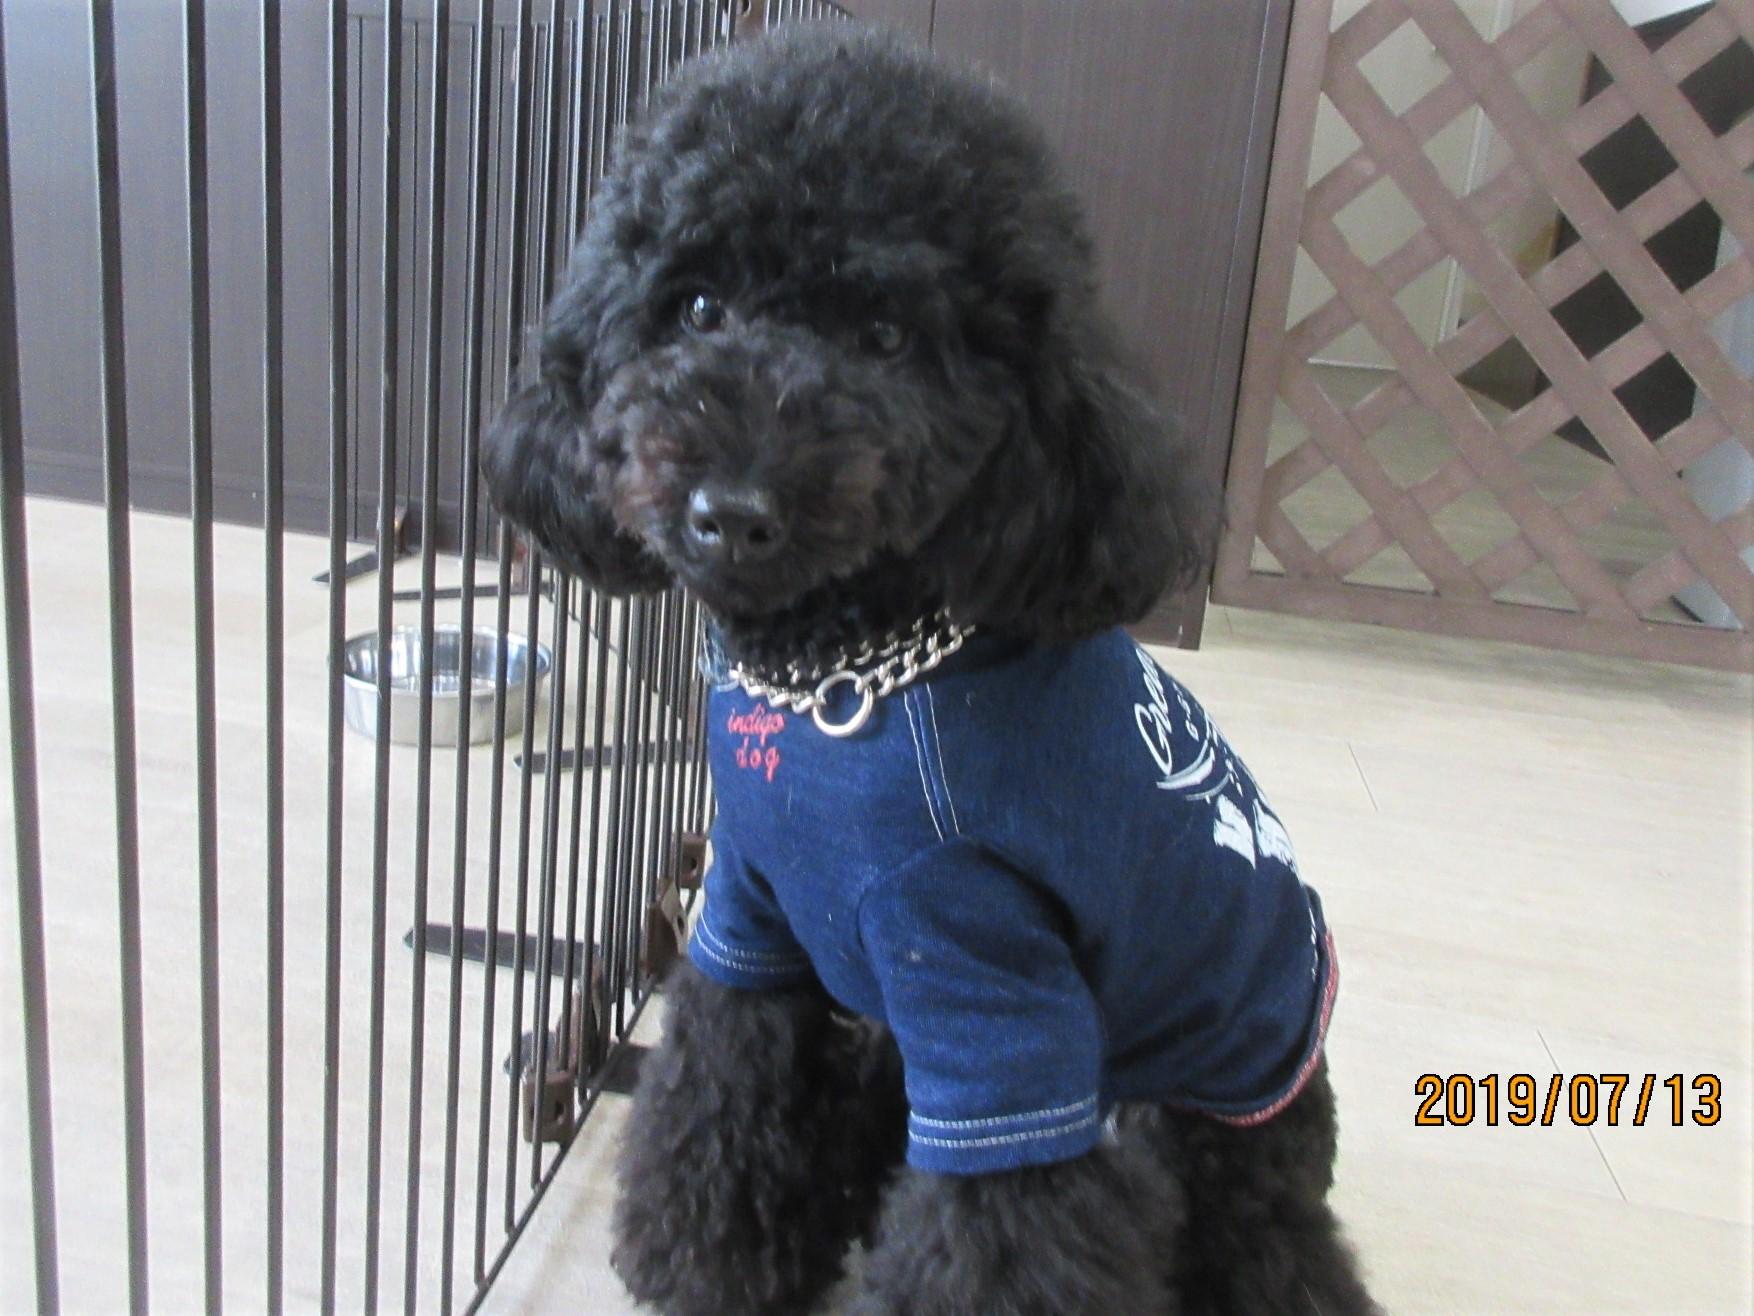 ピリアロハくん(通称ピリくん)・犬の保育園Baby・犬・犬のしつけ・犬の社会化